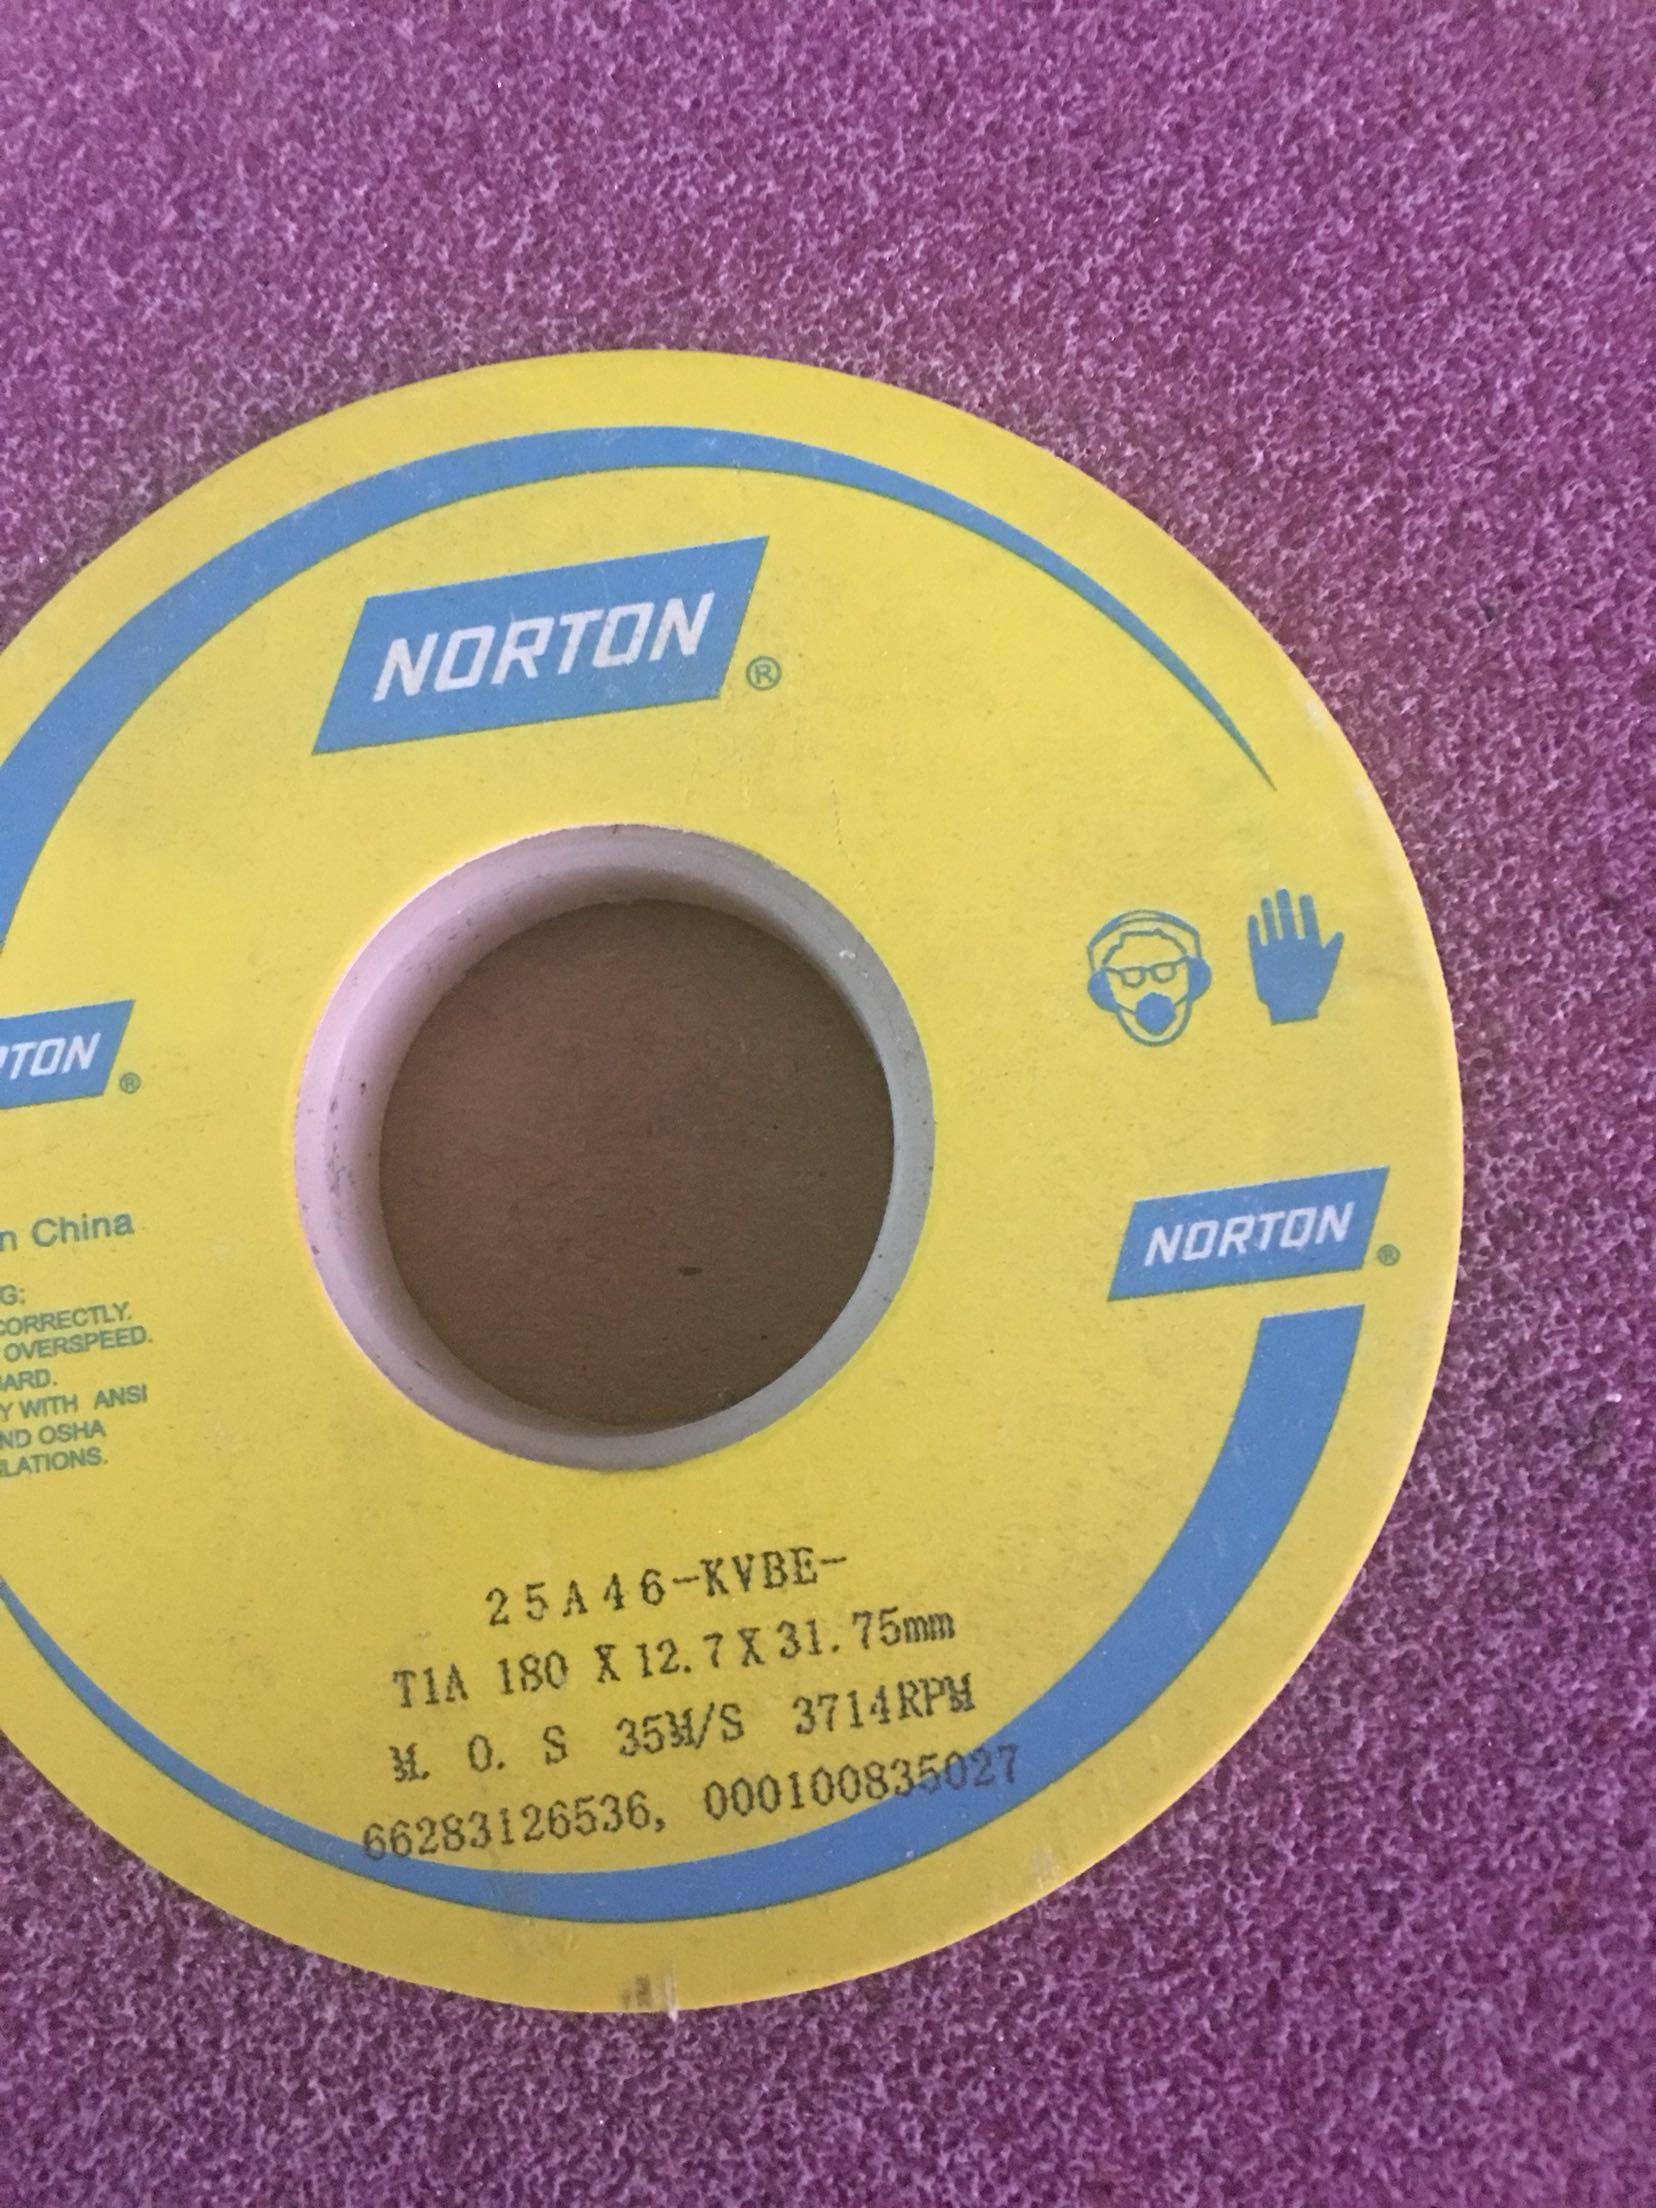 Norton rad, Saint - Gobain schleifmaschine MIT roten rad 25A180X12.7X31.75mm Korund